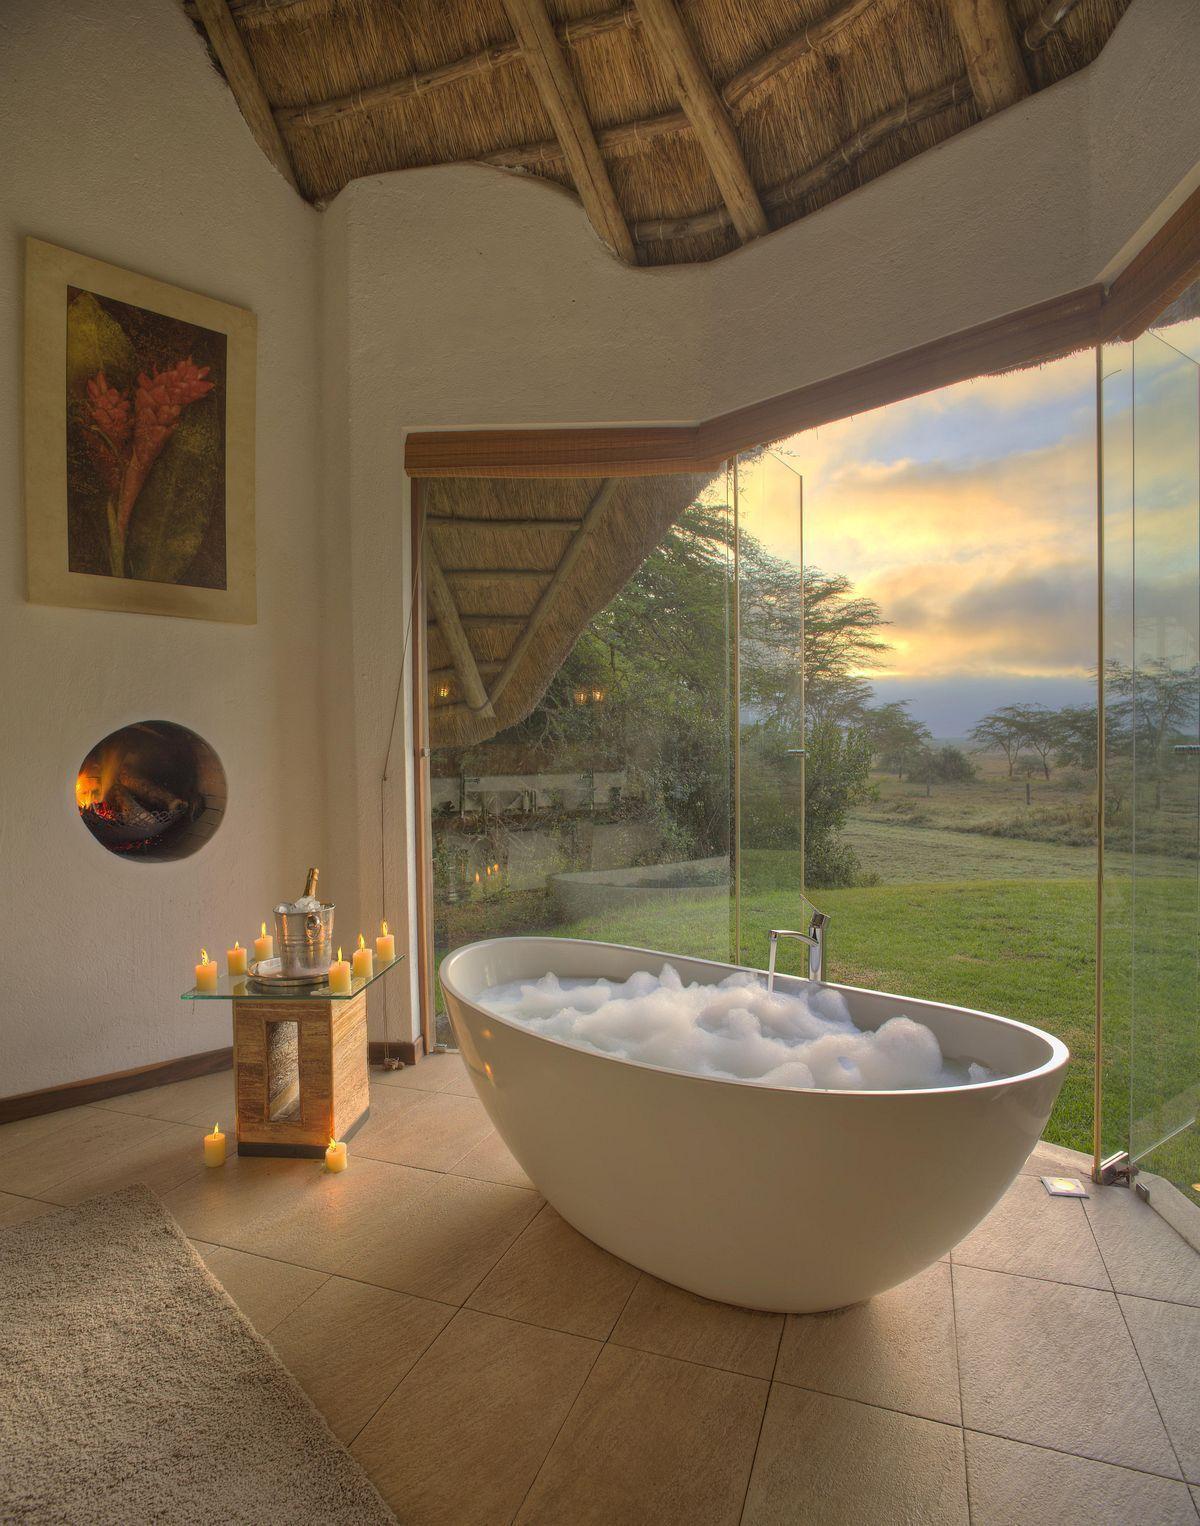 Garden tub decor  Inspirations  bathroom idea  Pinterest  Bathroom Bath and House